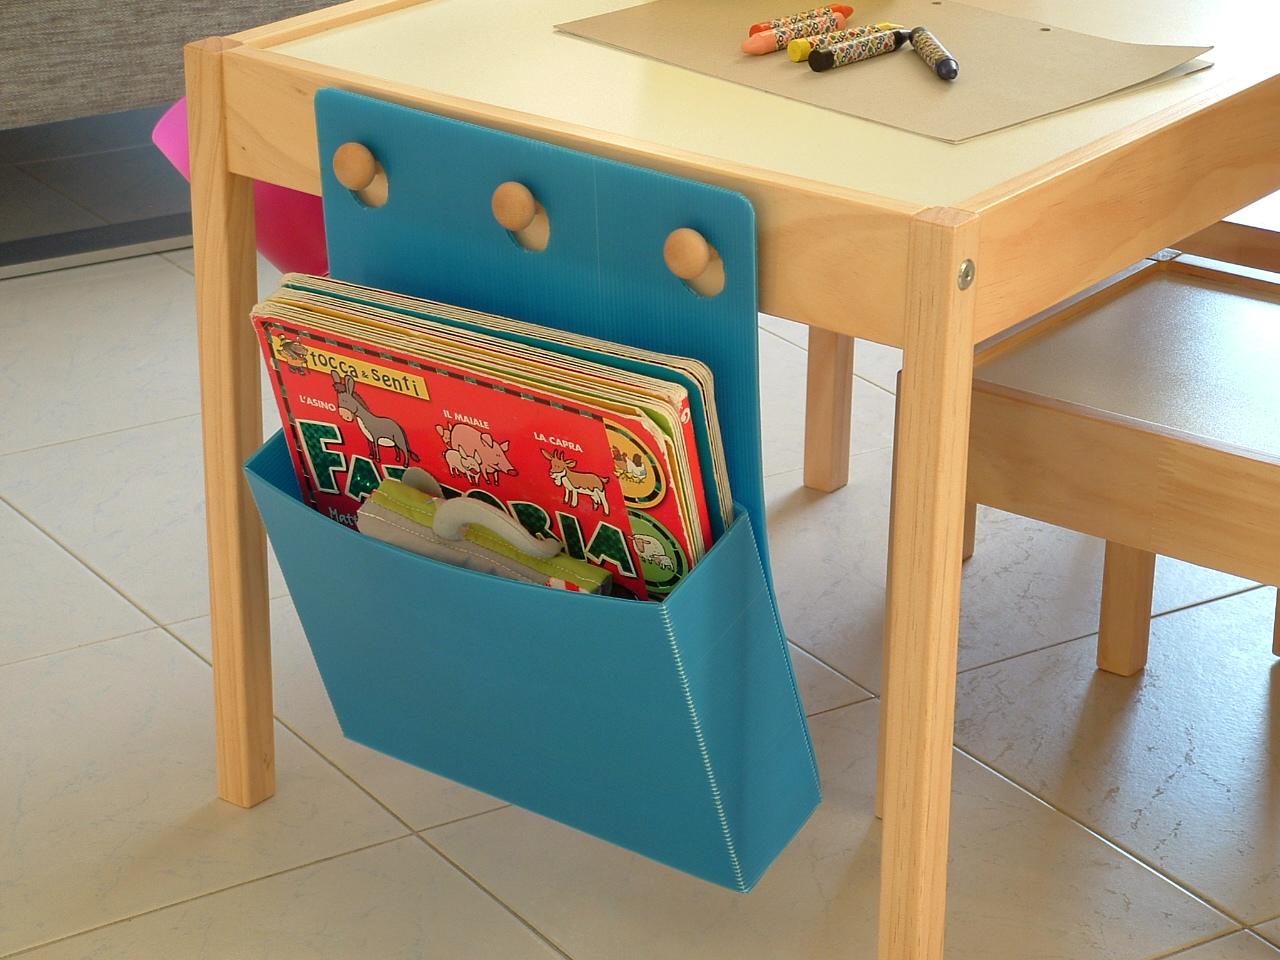 Ricicla e crea tavolino ikea per flavia for Tavolino per bambino